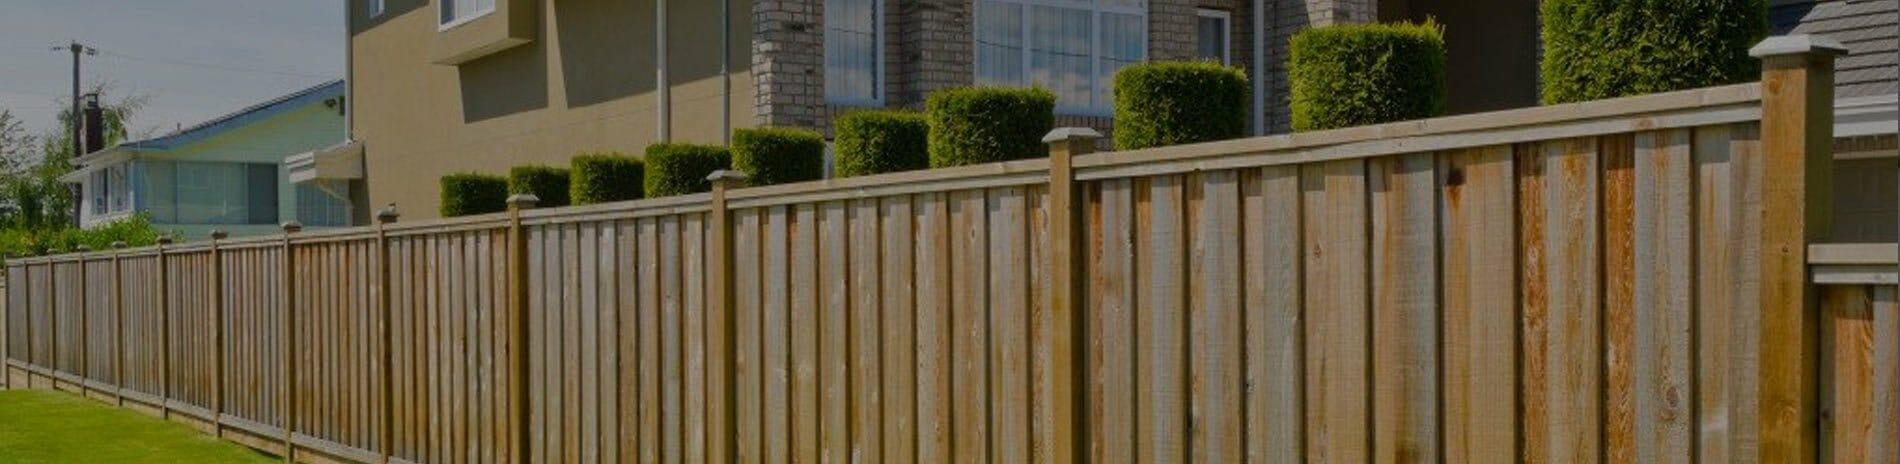 fencing hero image 2